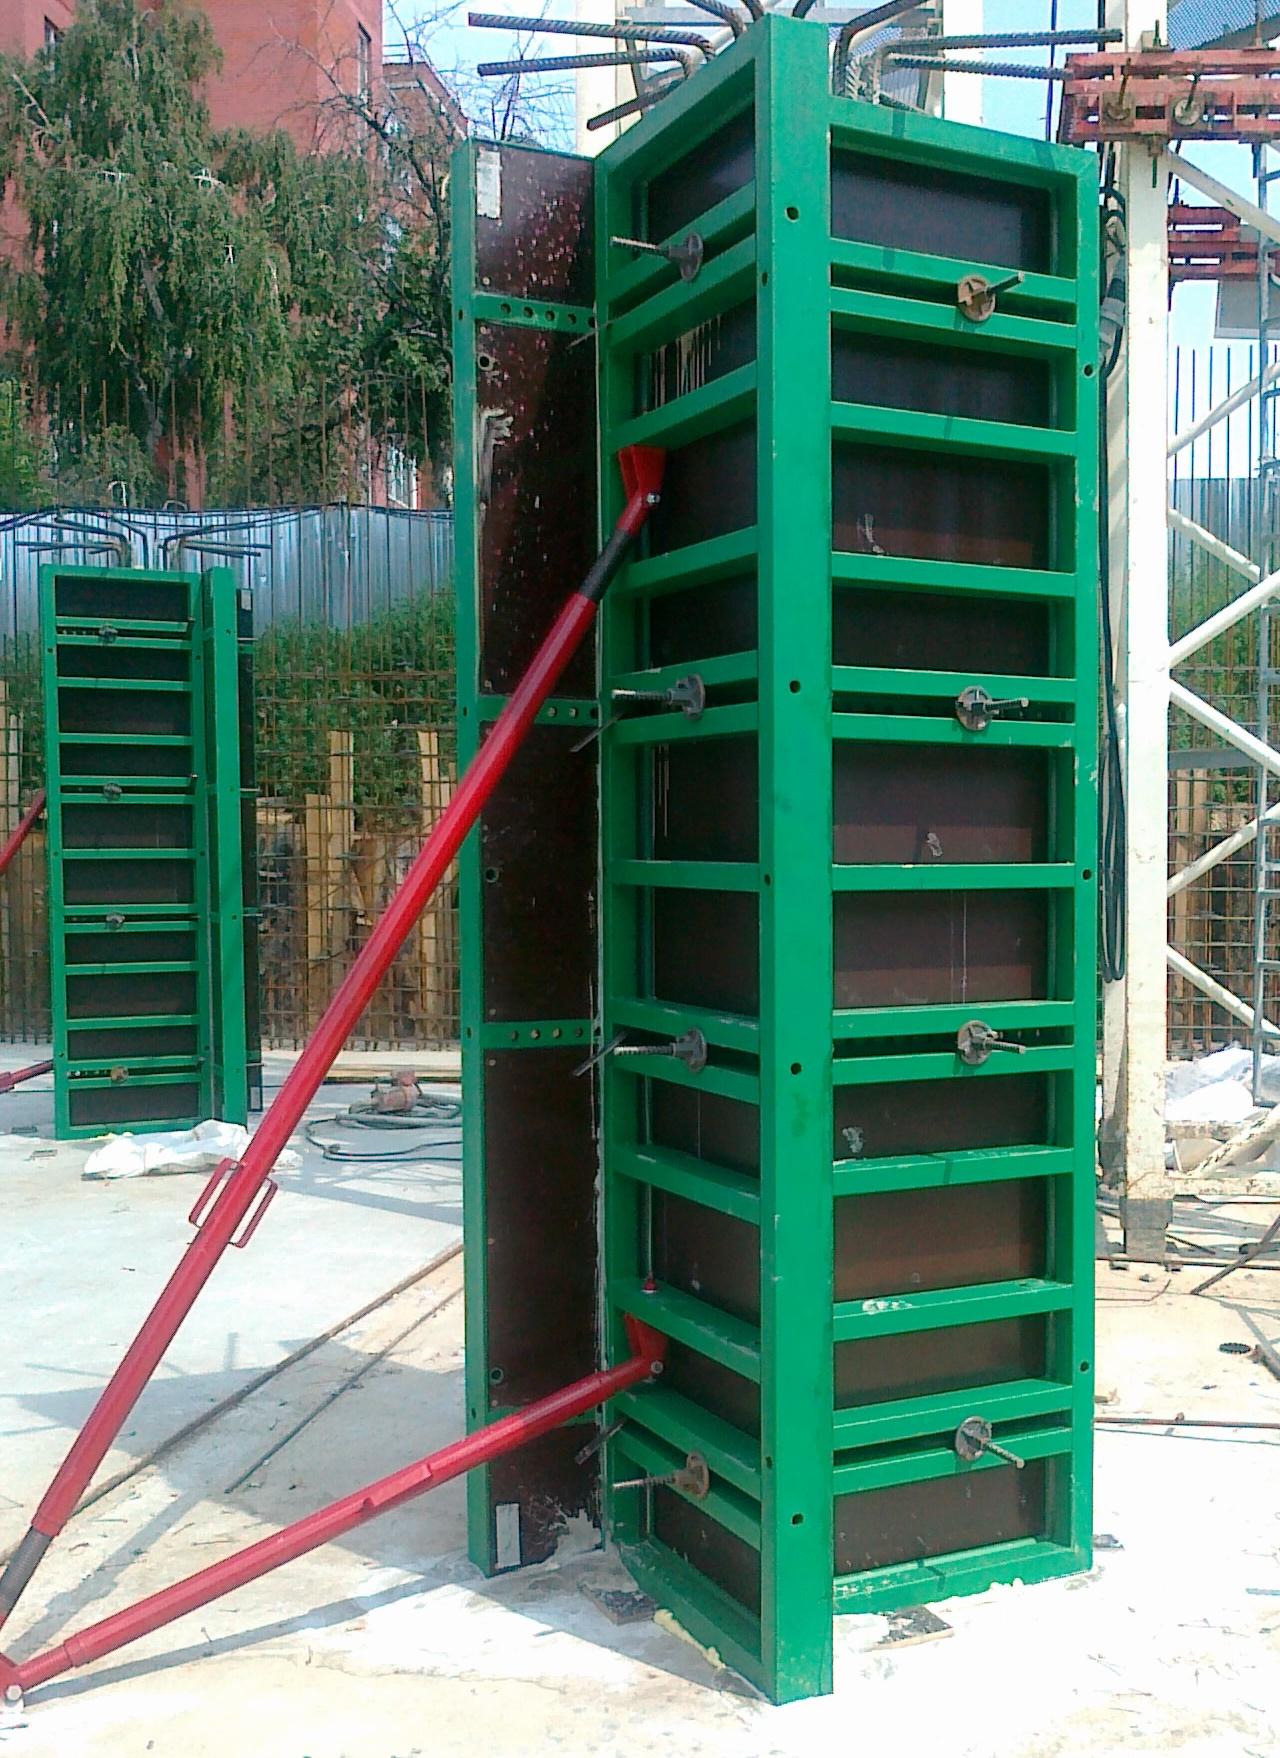 Аренда комплекта опалубки (монтируемой краном) колонн, стен, фундамента цена от 6000 бел руб, купить в минске